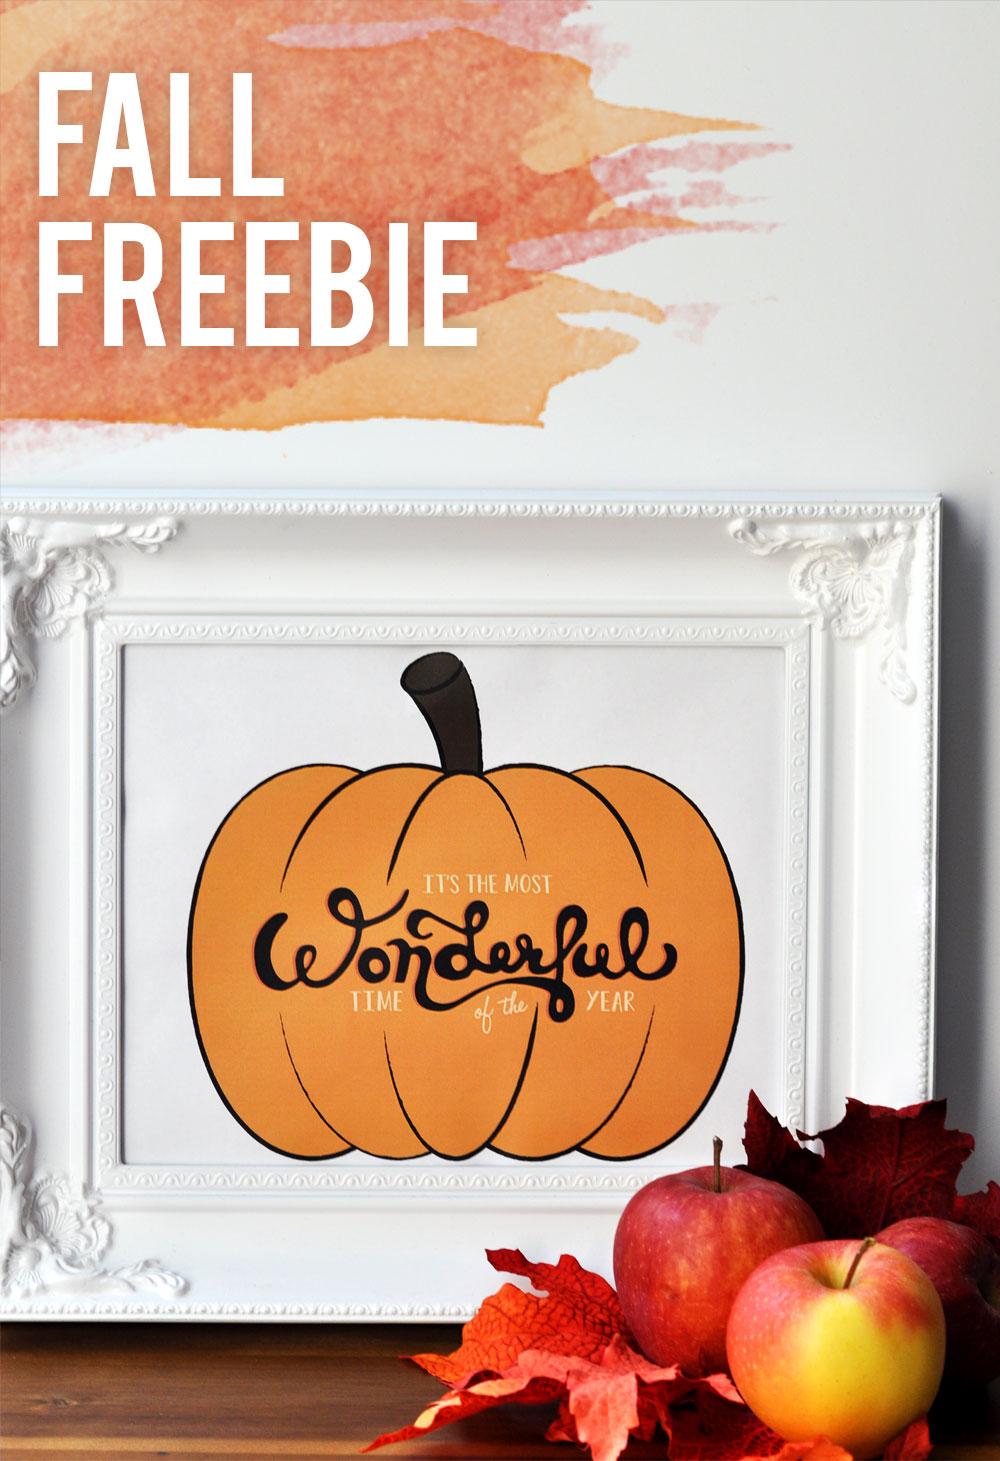 Fall Freebie - Pumpkin Typography Art Print